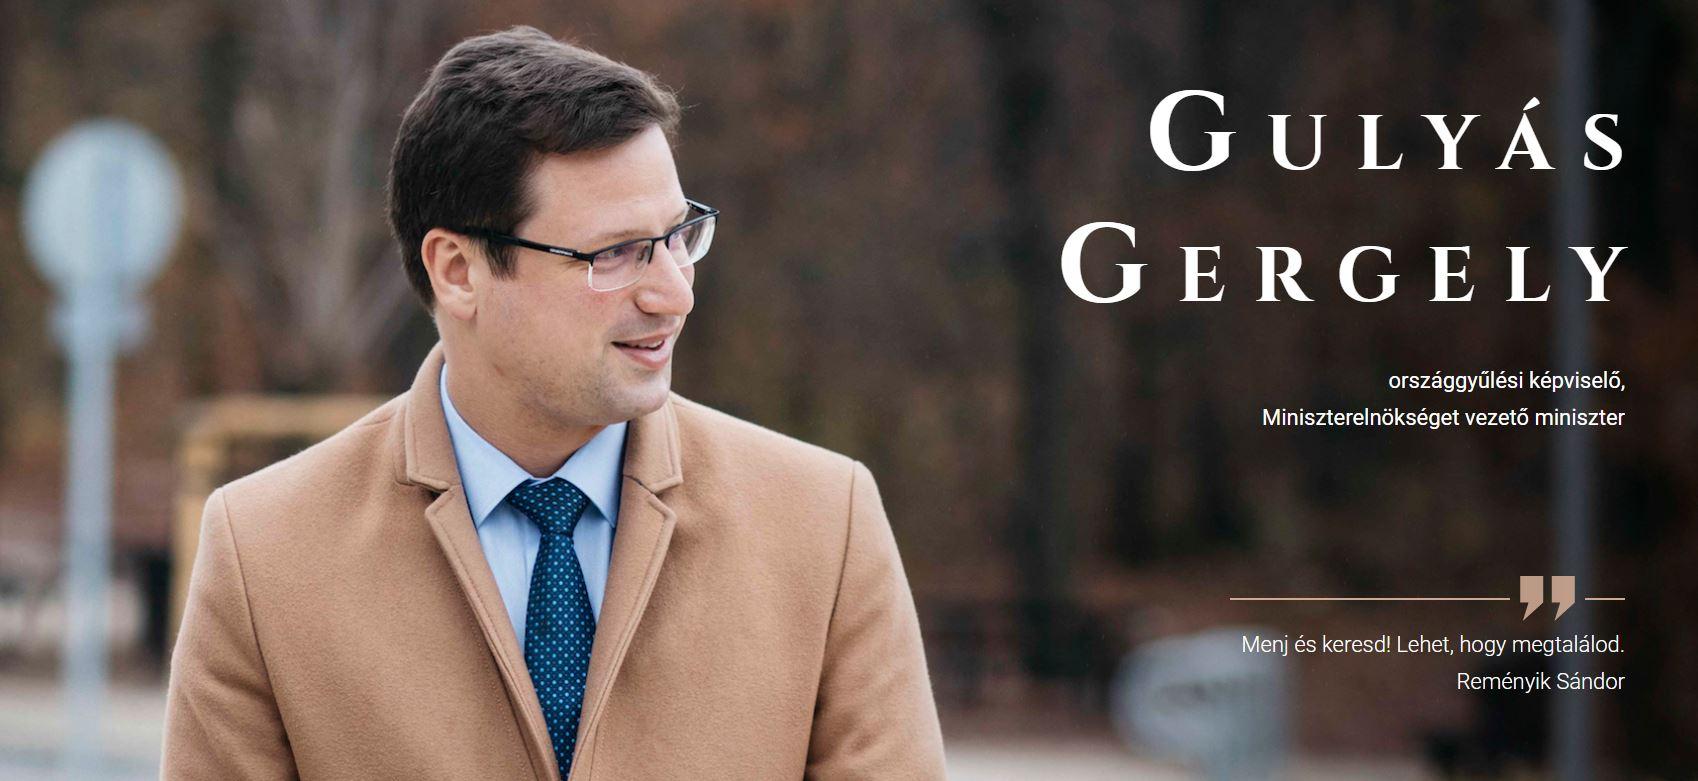 Elindult Gulyás Gergely új honlapja